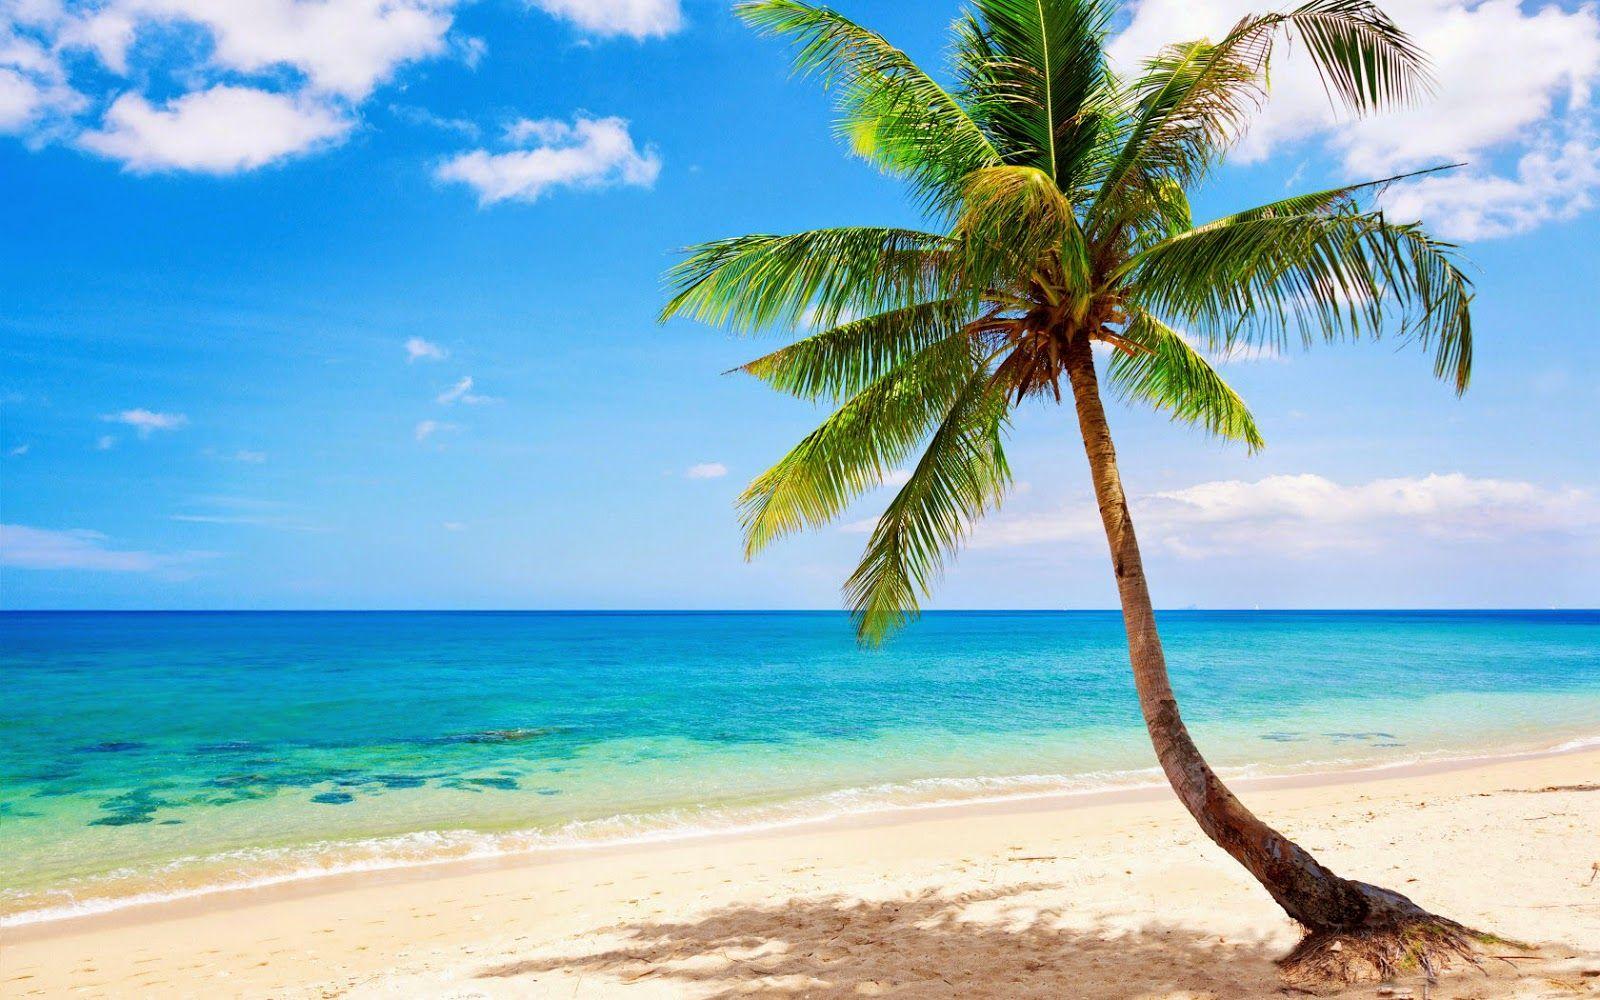 Sommer bilder mit insel, strand, zee in 2020 | Sommer